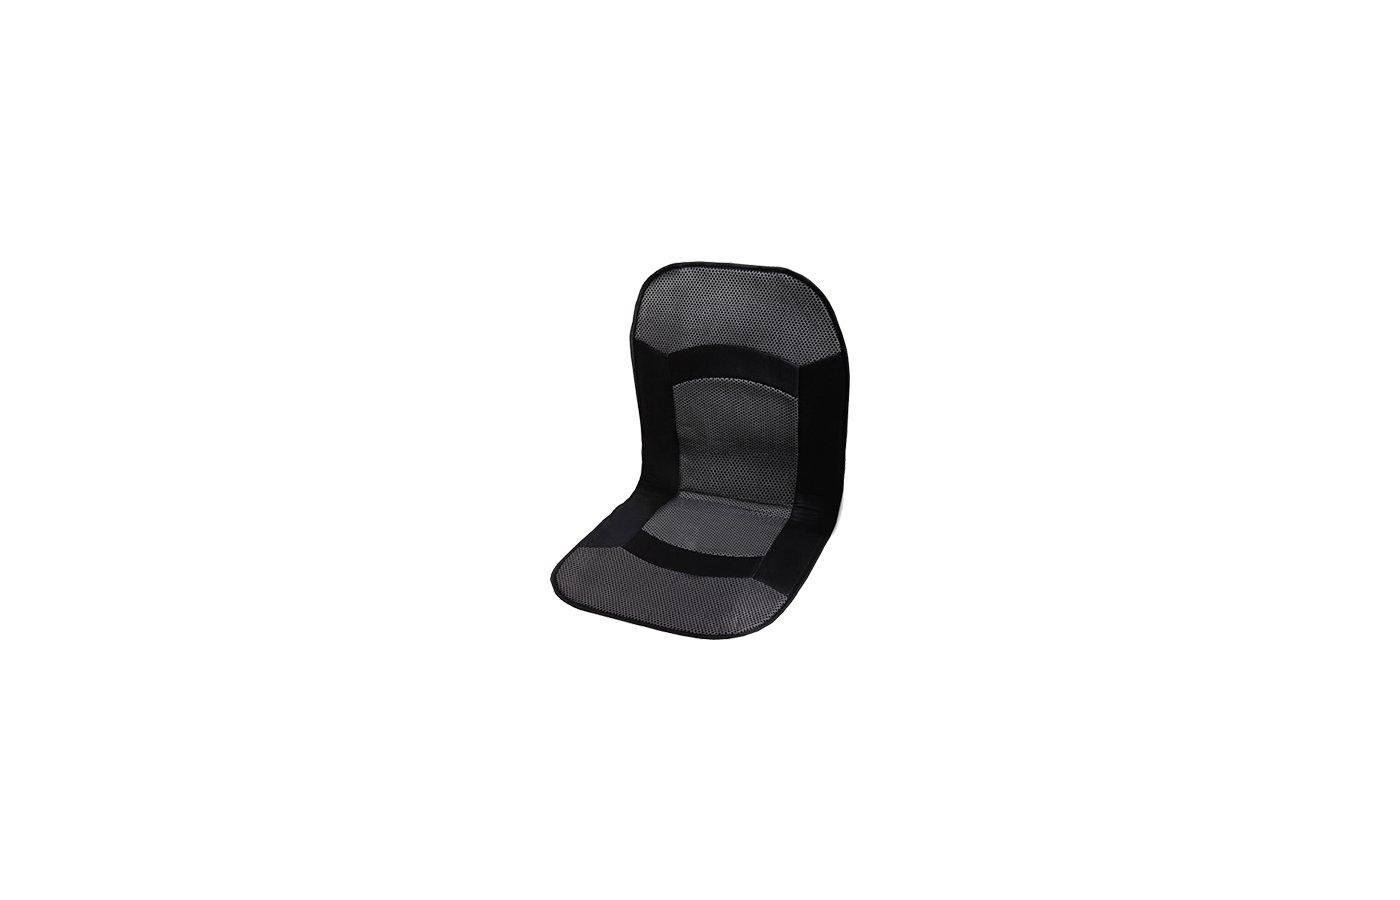 Подогреватель сидения PITSTOP Eco 012, накидка с терморегулятором (серая) 48011